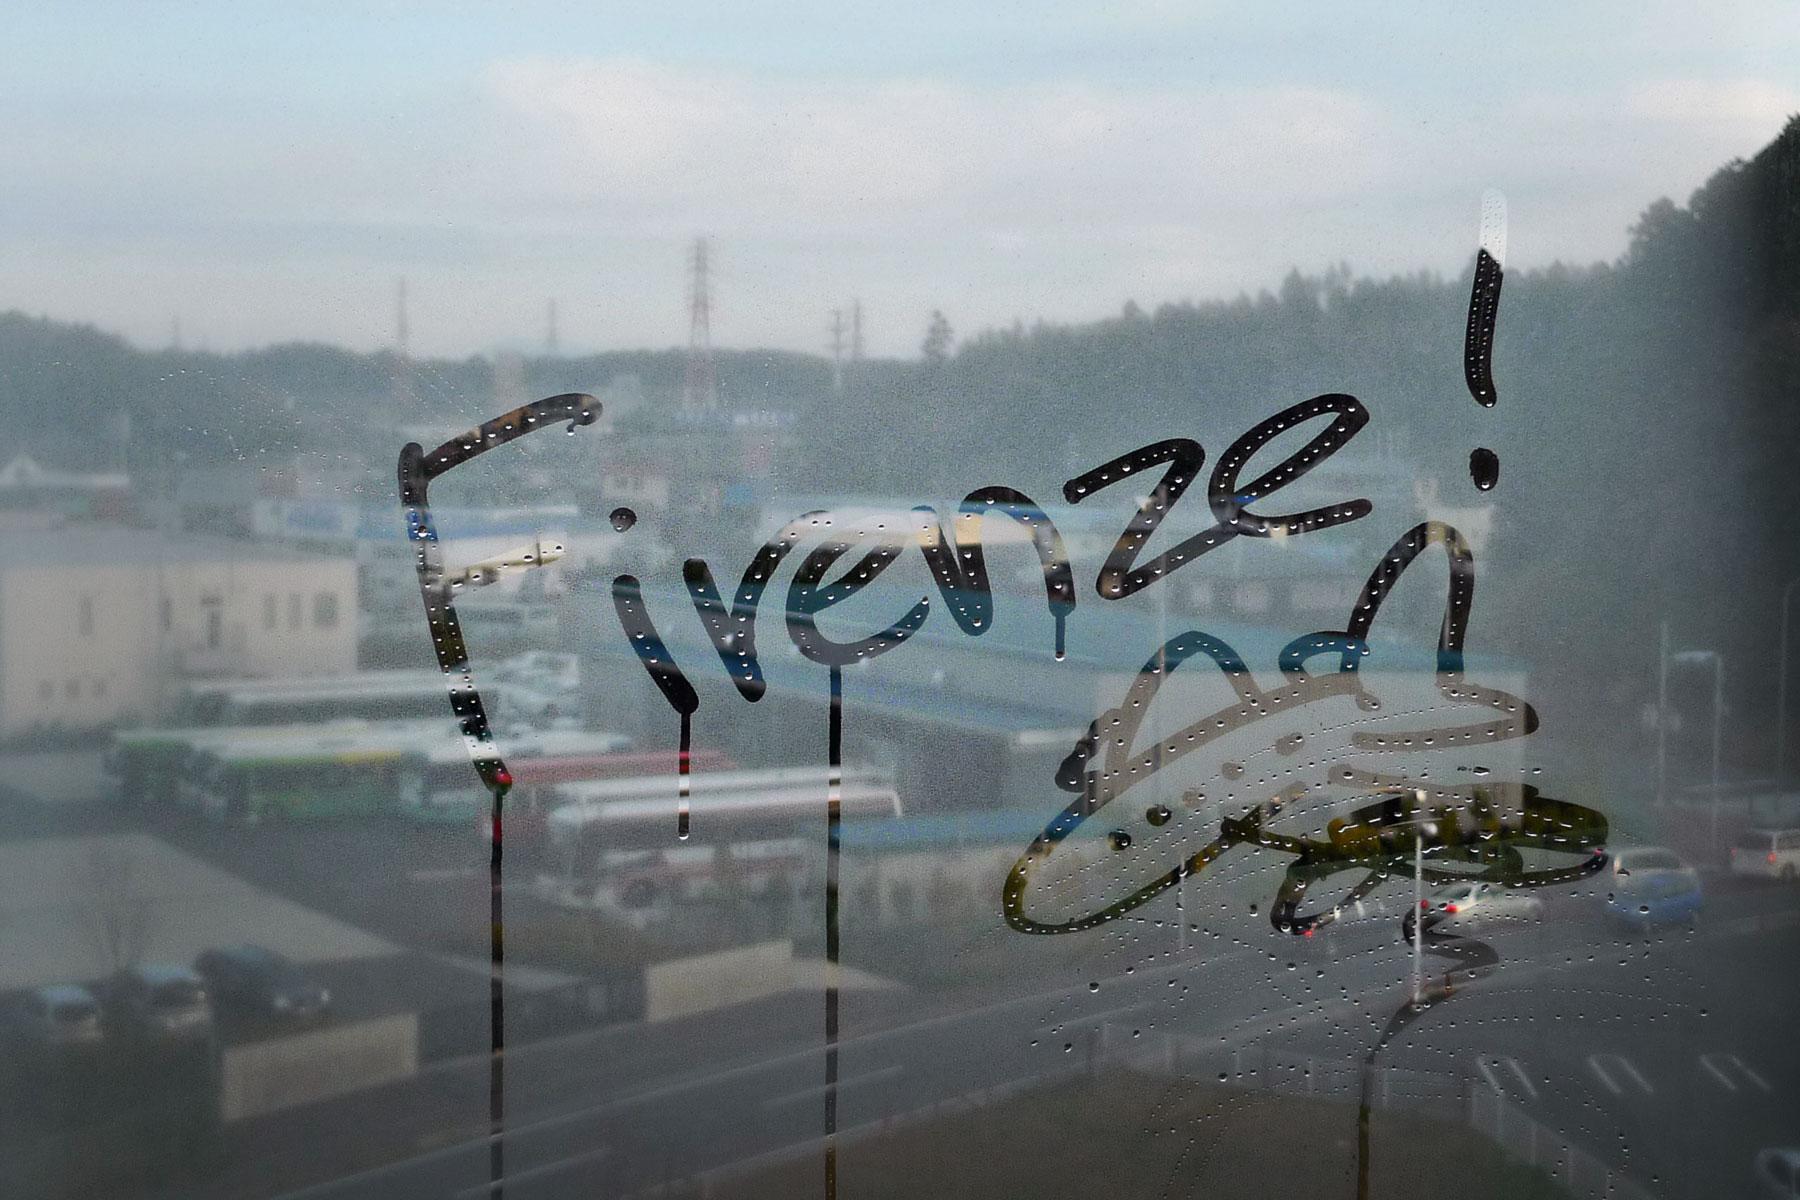 曇りガラスに描いた飛行機とフィレンツェの文字